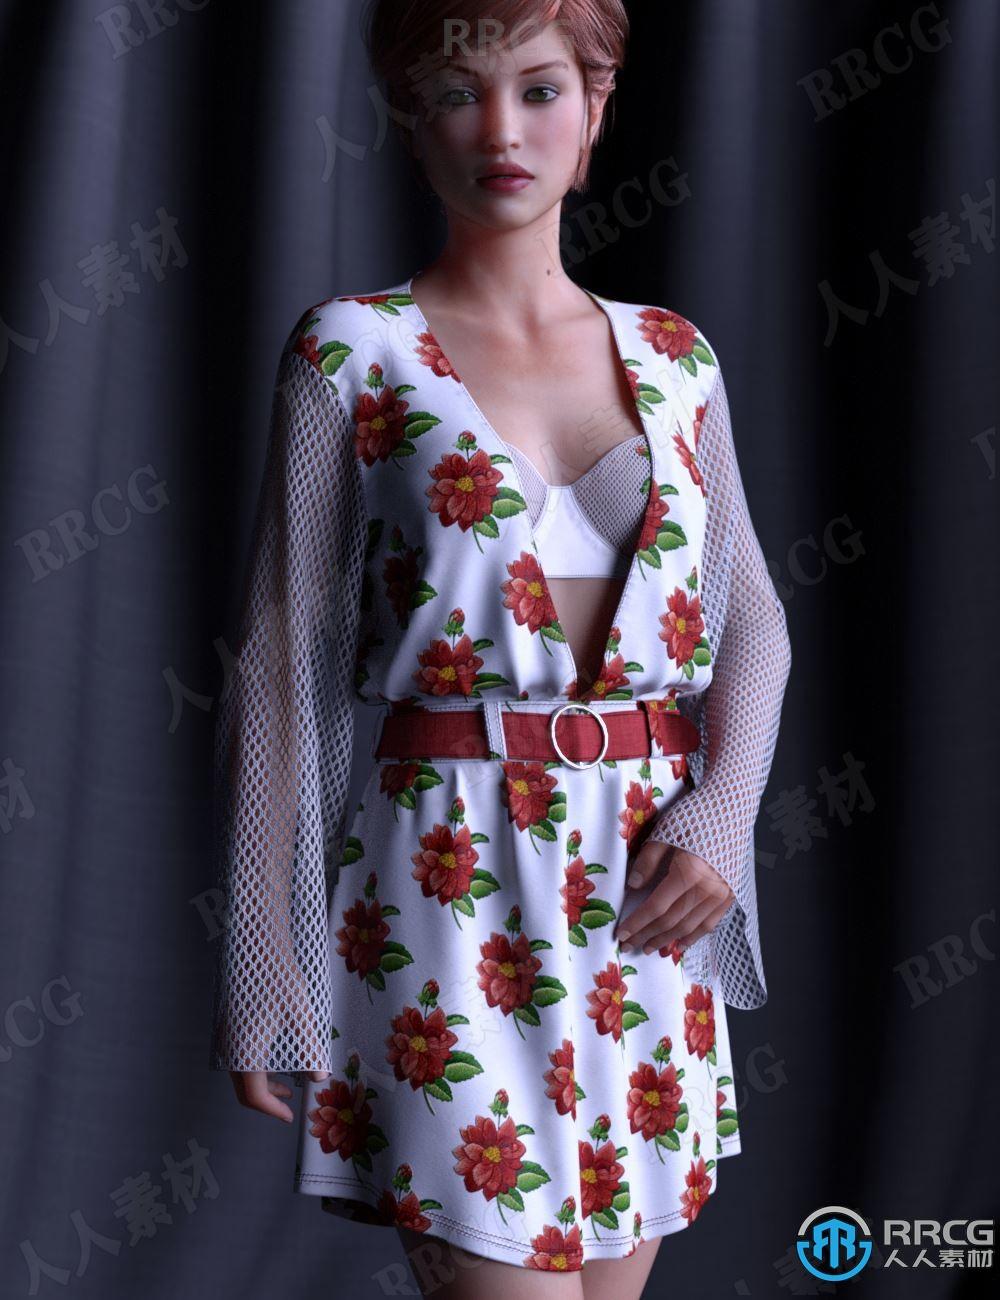 花朵图案钩针编织网袖碎缎连衣裙服饰套装3D模型合集